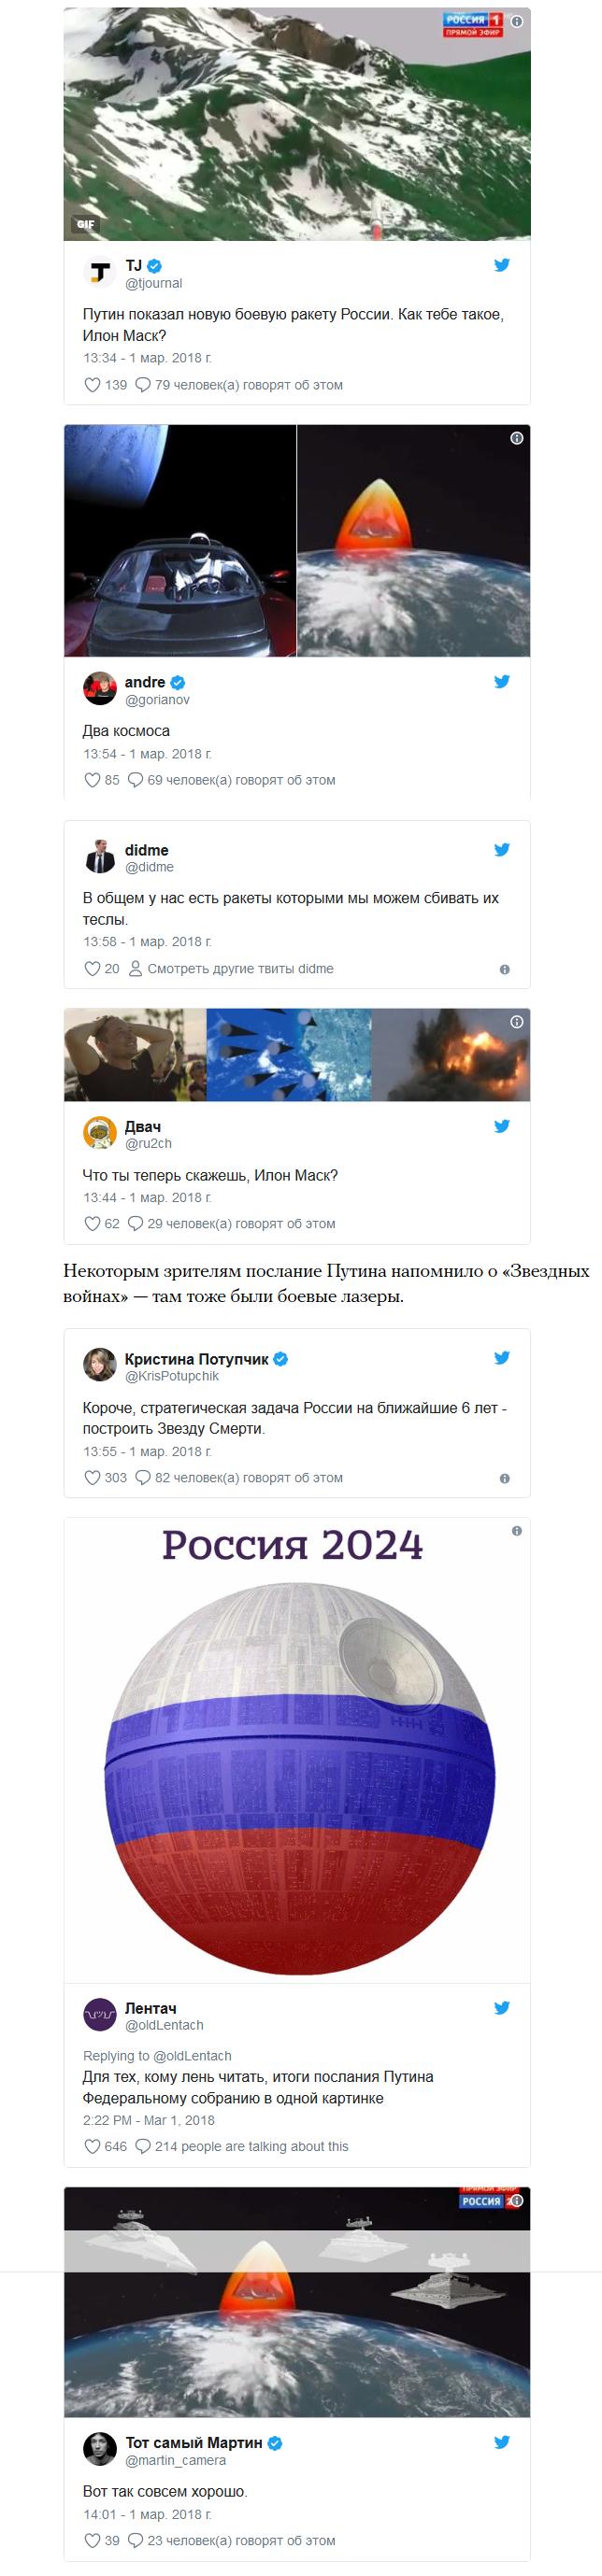 «У нас есть ракеты, которыми мы будем сбивать Теслы» реакции соцсетей на послание Путина